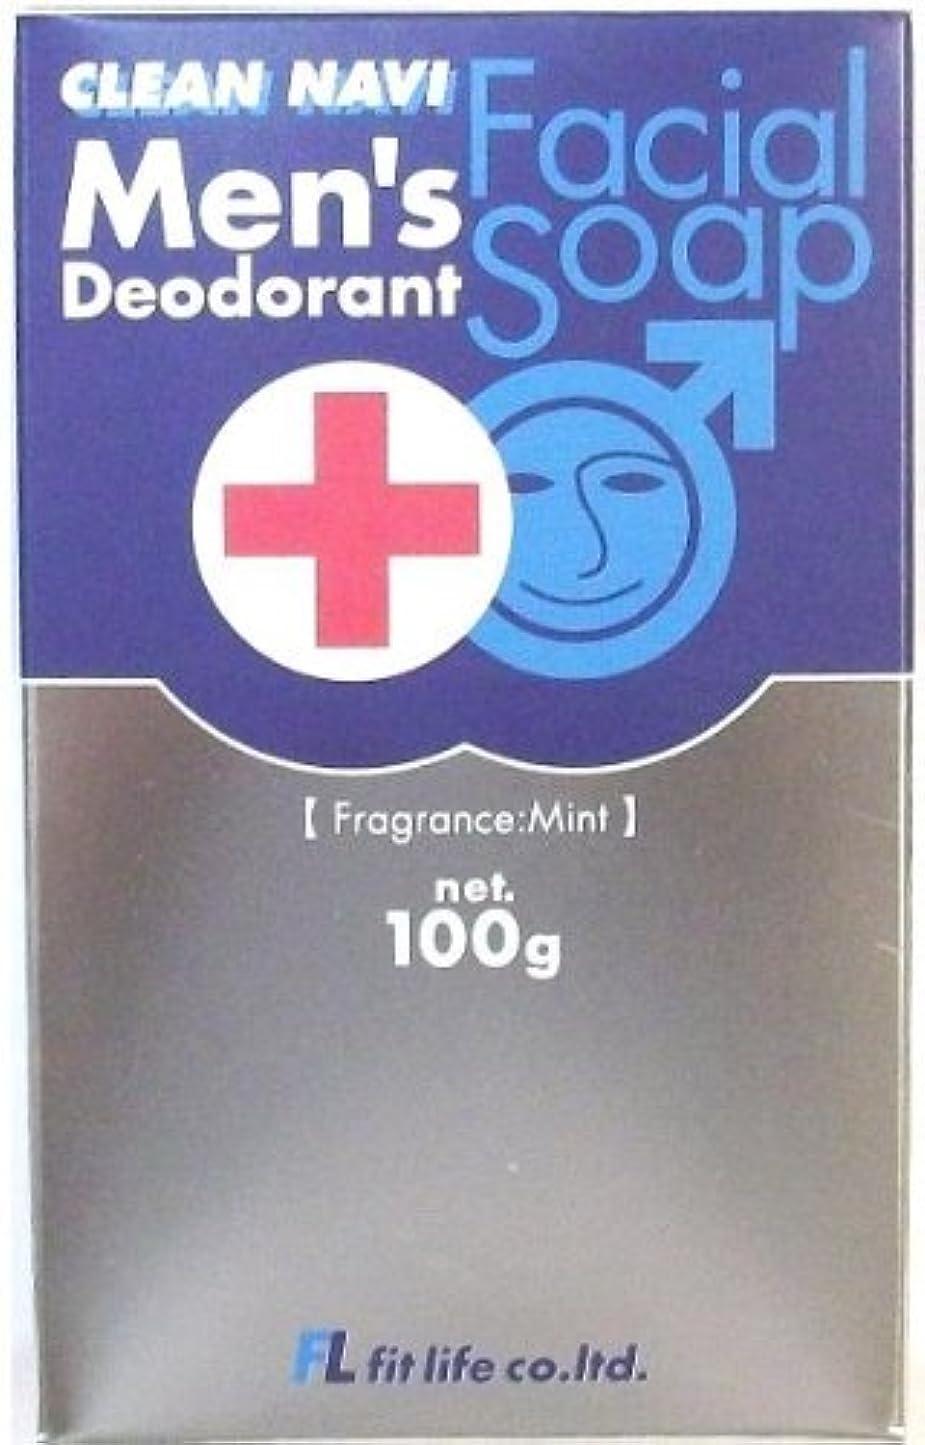 水銀の純正火曜日クリーンナビ メンズ洗顔デオドラントソープ 100g